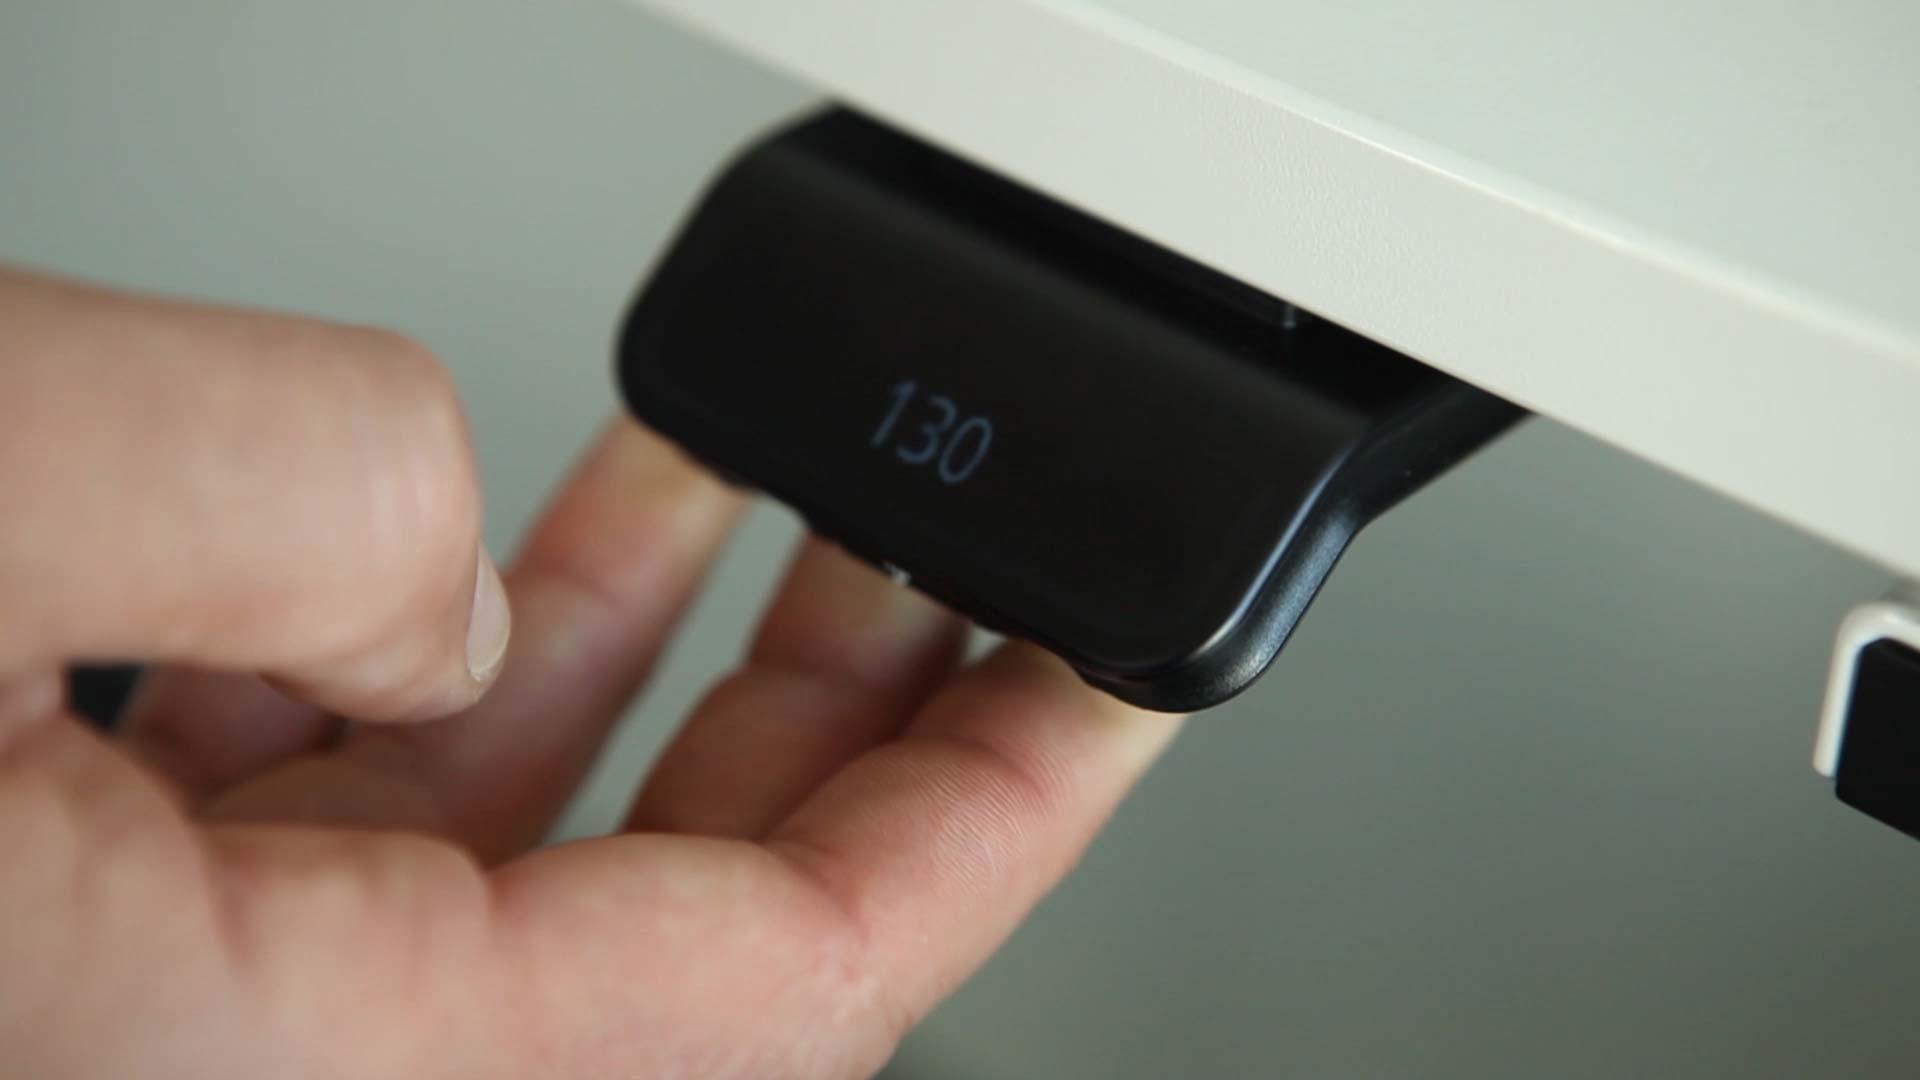 DPG kommt ohne Tasten aus und lässt eine Bedienung nur durch Kippen und Drücken zu. Abbildung: Linak